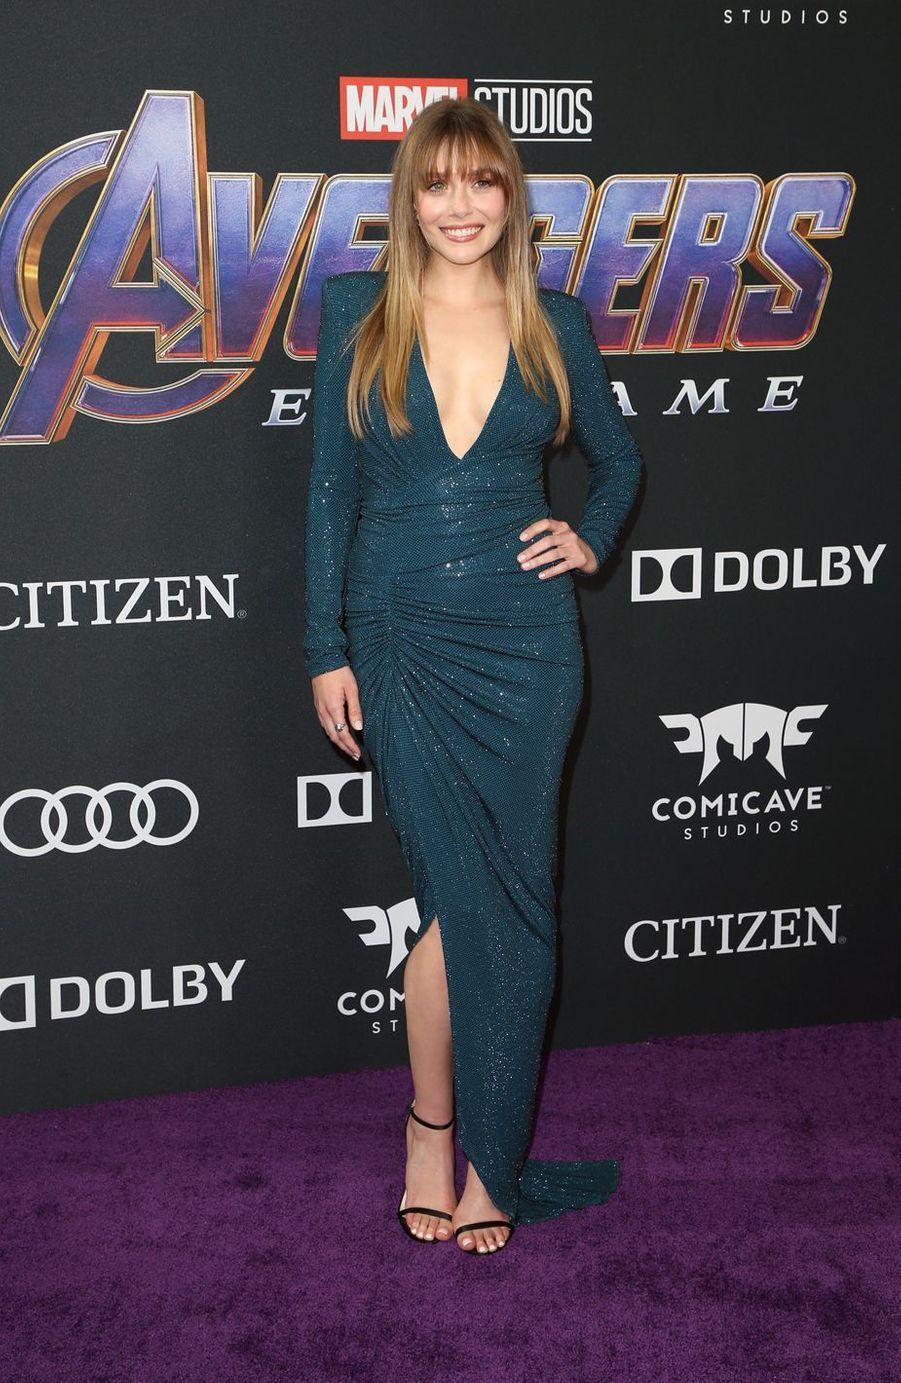 Elizabeth Olsenà l'avant-première d'«Avengers : Endgame» à Los Angeles le 22 avril 2019